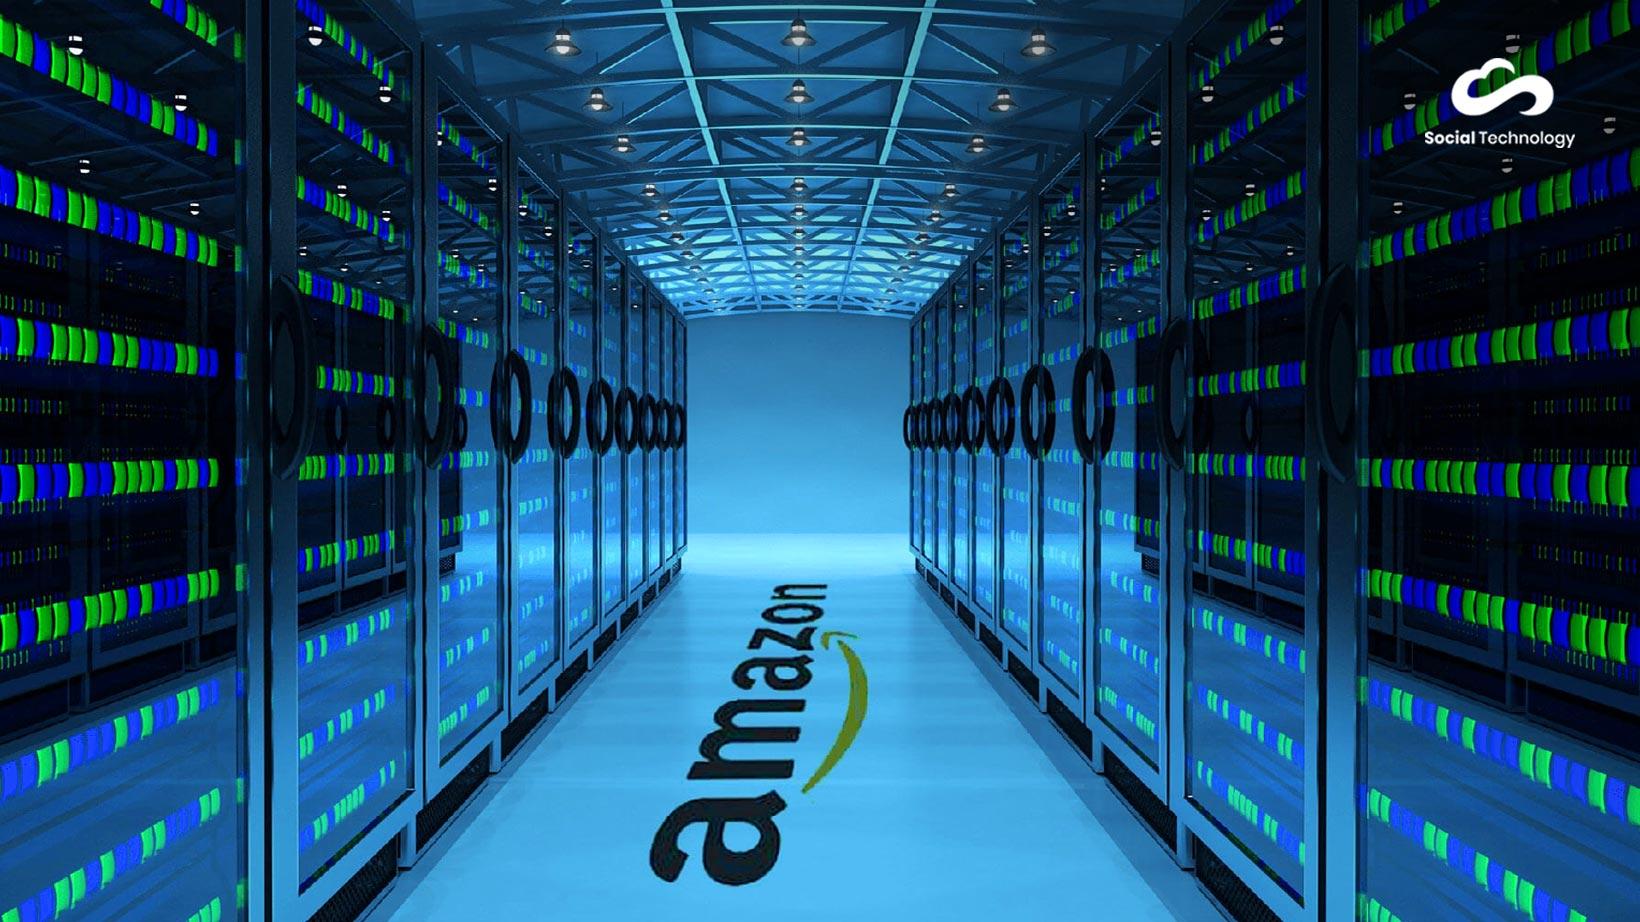 Cloud Amazon